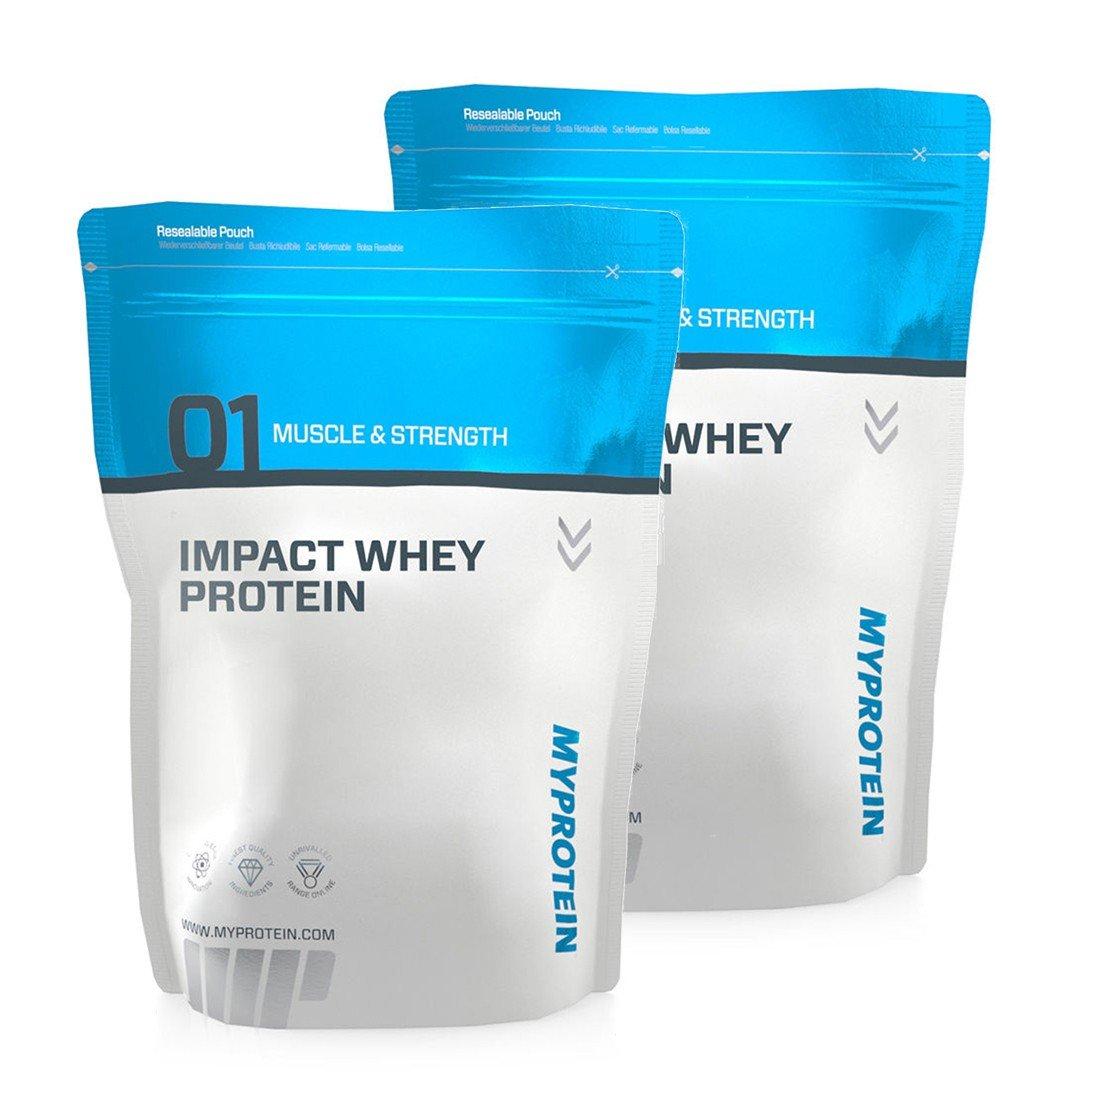 Myprotein Impact Whey Protein 2 x 1000g